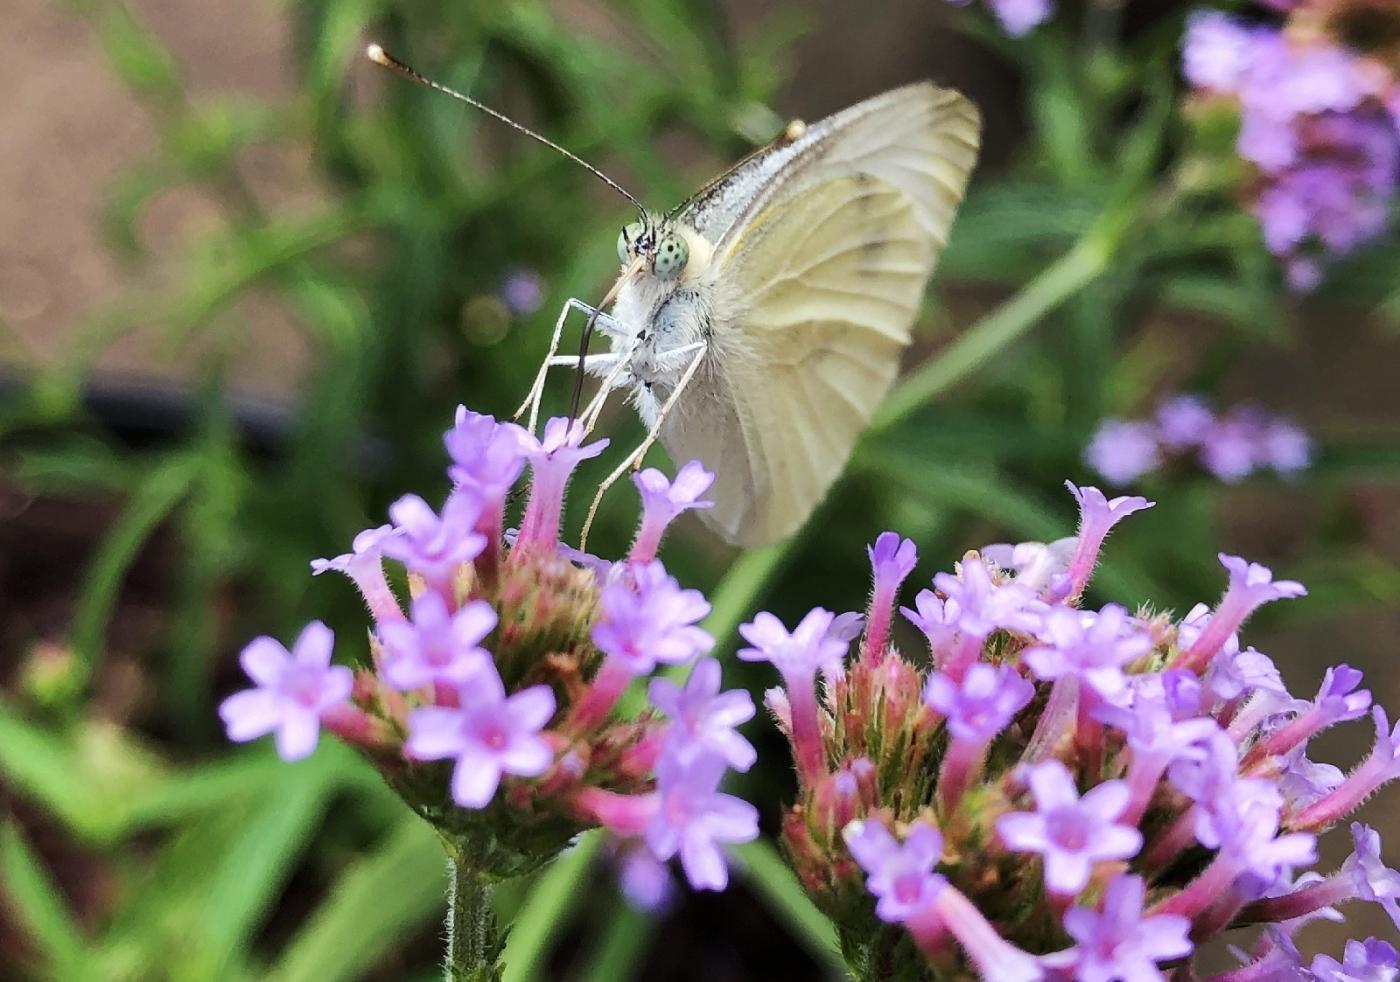 【田螺随拍】我种了马鞭草蝴蝶就来了_图1-20